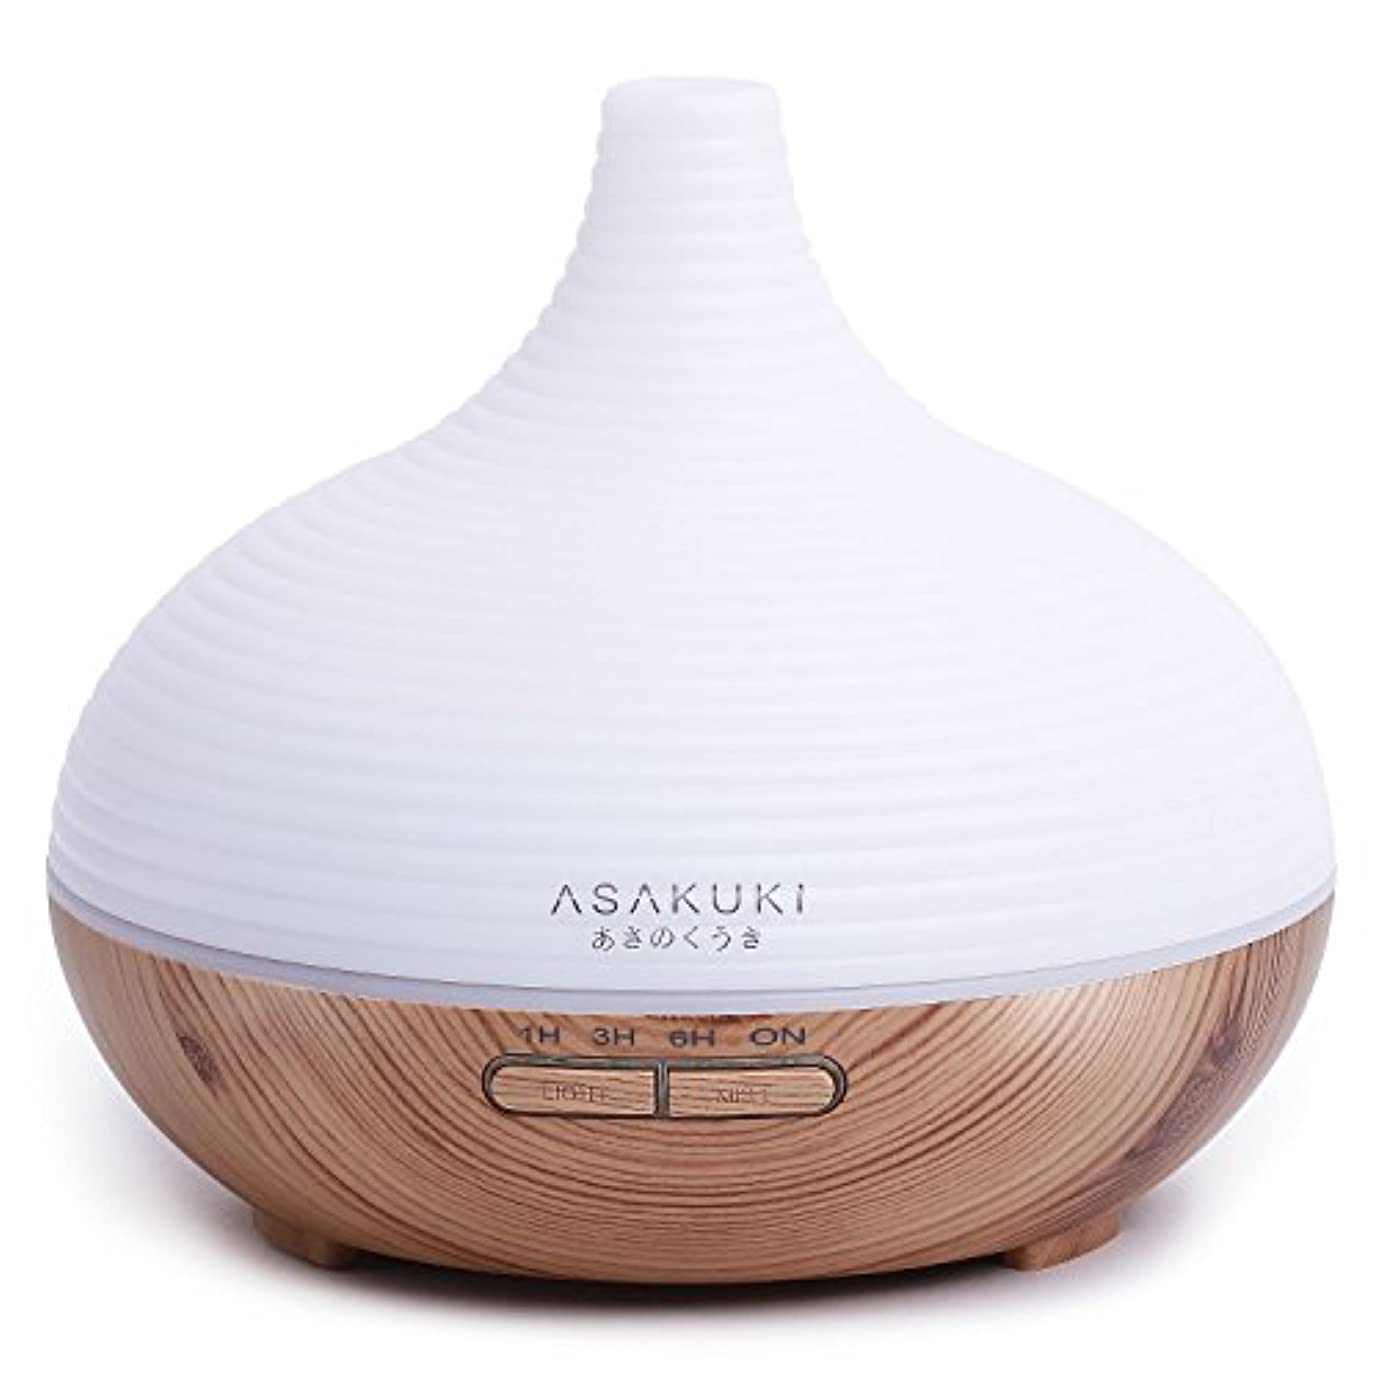 周囲研磨証人asakuki 300 mlプレミアム、Essential Oil Diffuser、静かな5 - in - 1加湿器、自然Home Fragrance Diffuser with 7 LEDの色変更ライトと簡単にクリーン...